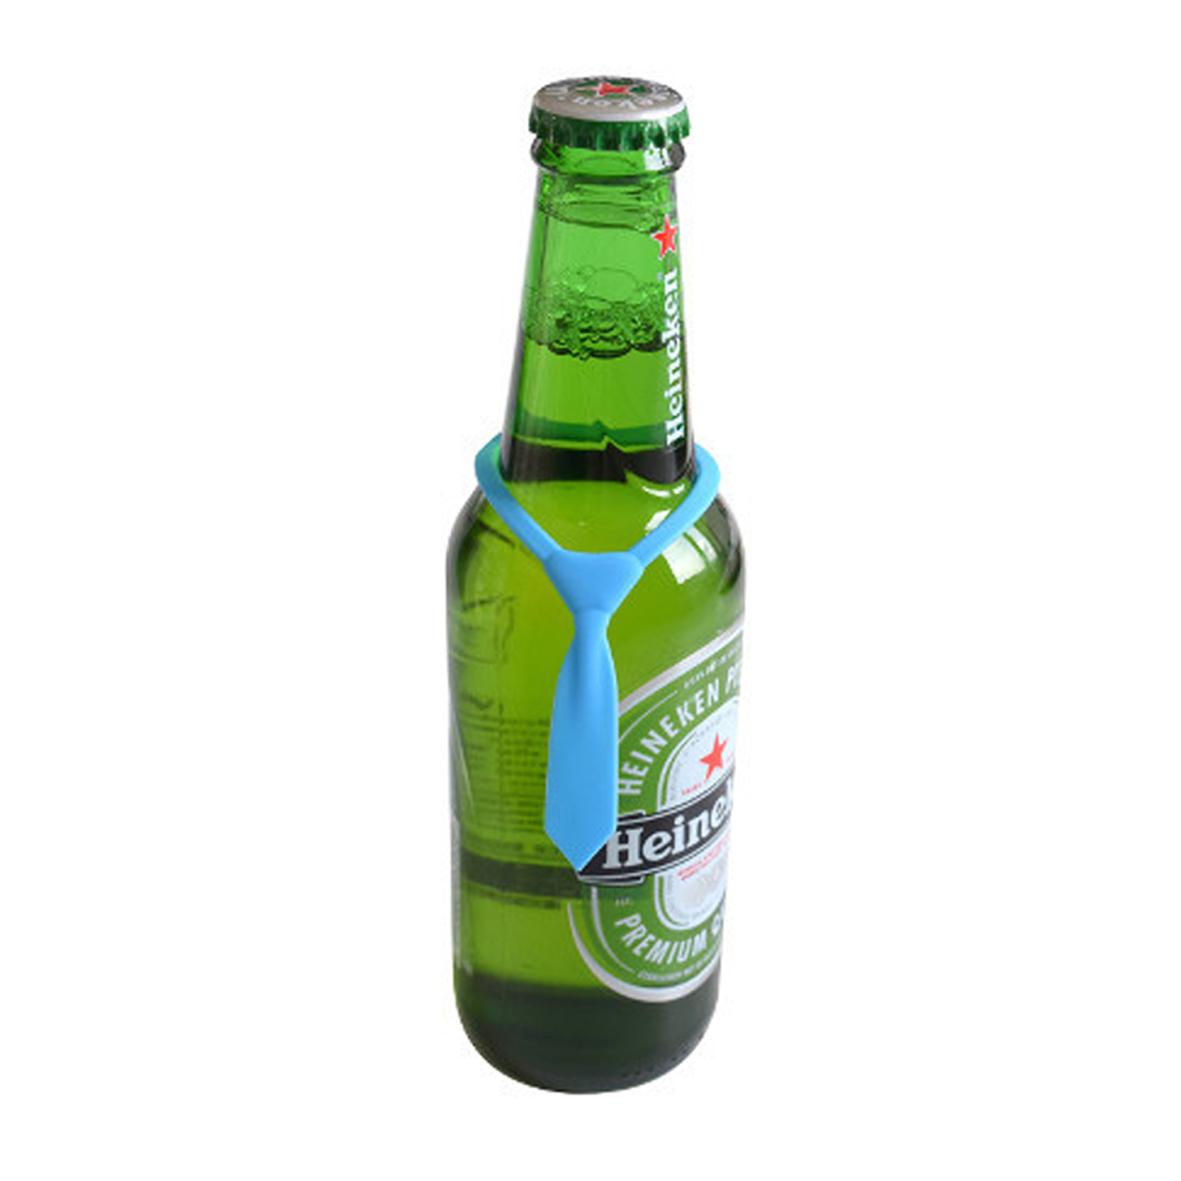 Маркеры для пива